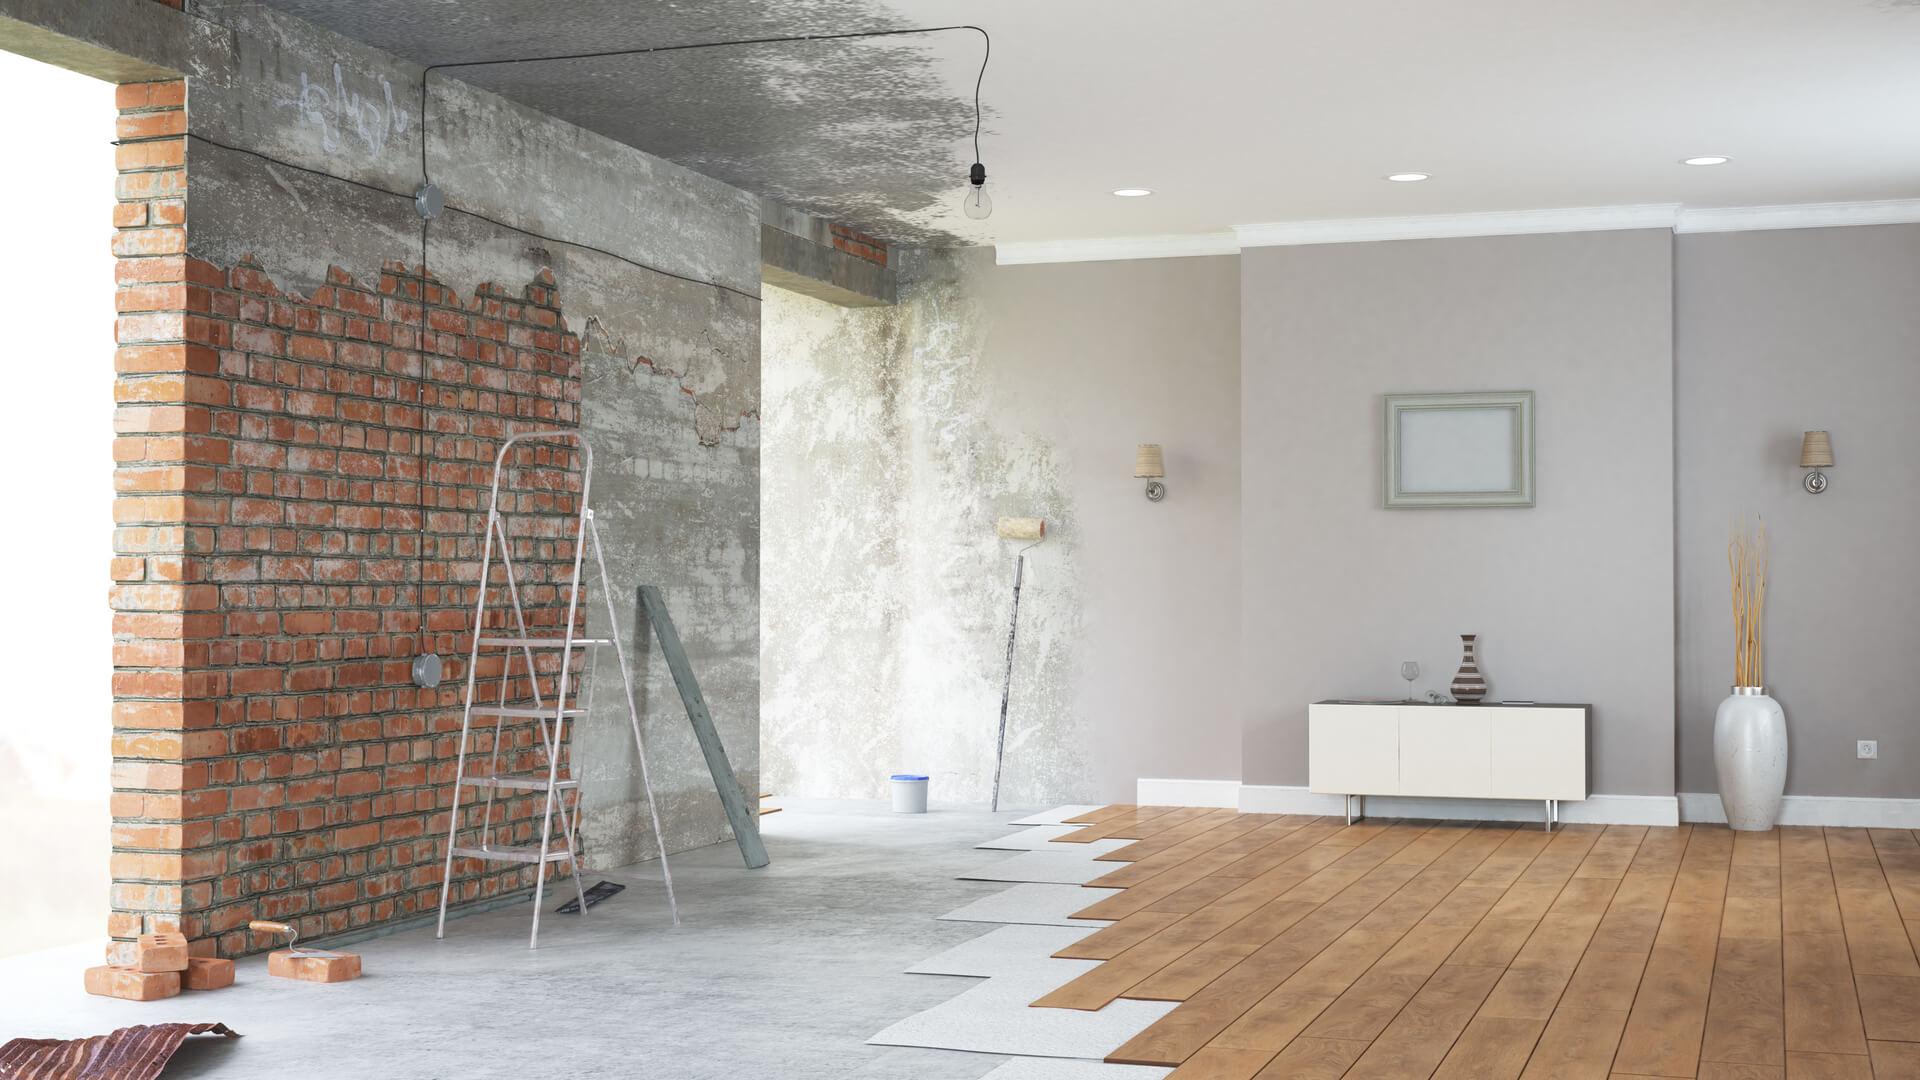 Schimmel In Der Wohnung Beseitigen fraunhofer studie zu feuchtigkeit und schimmel in der wohnung ralf liesner bautrocknung gmbh